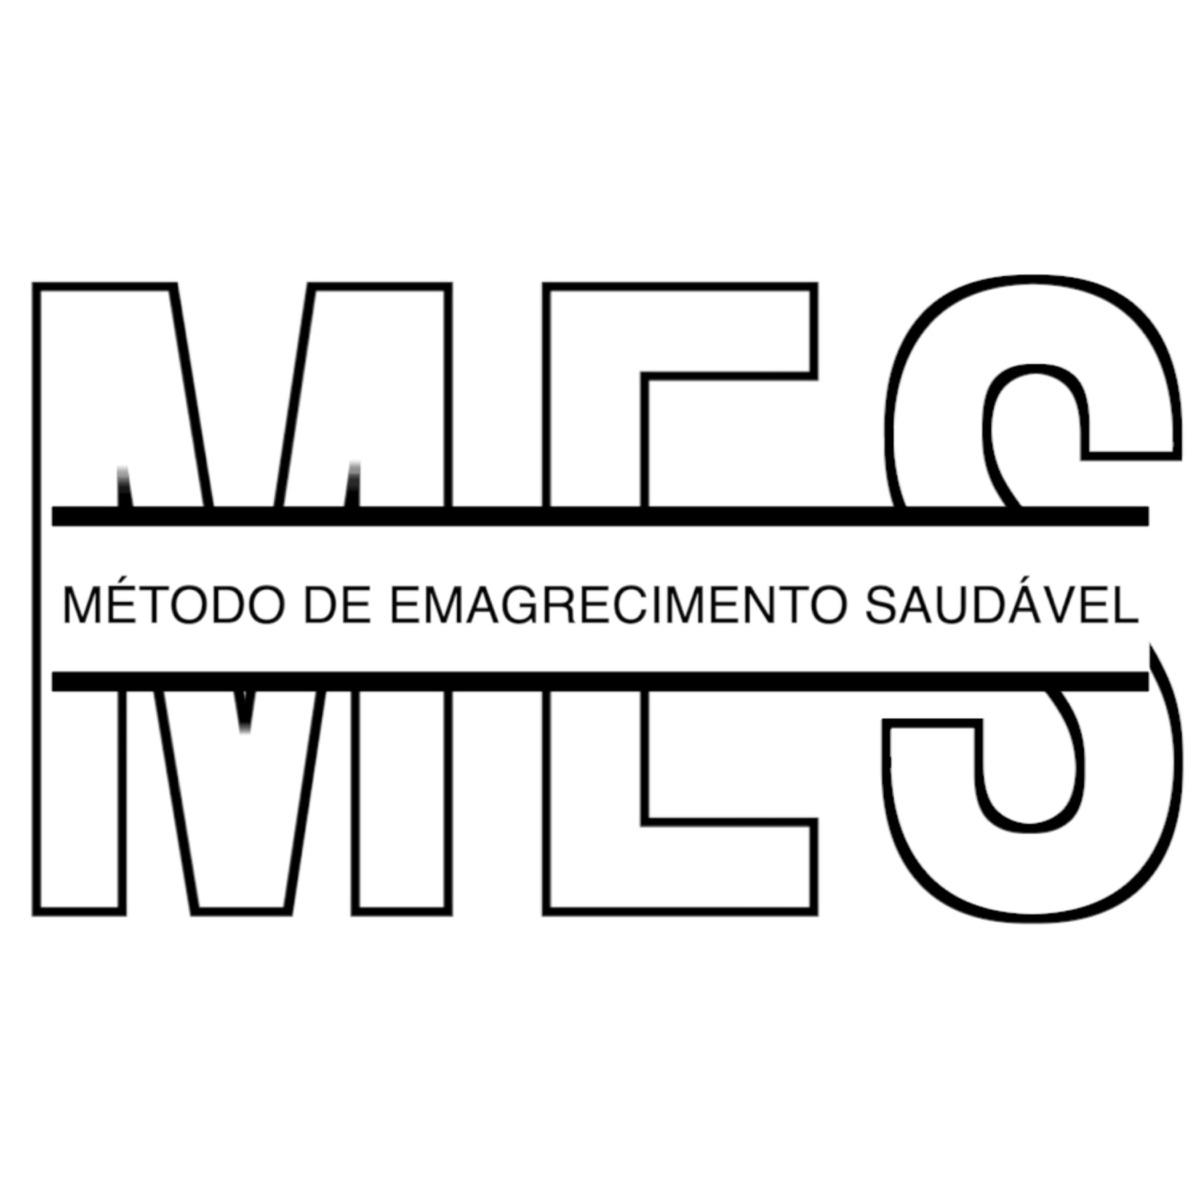 MÉTODO DE EMAGRECIMENTO SAUDÁVEL